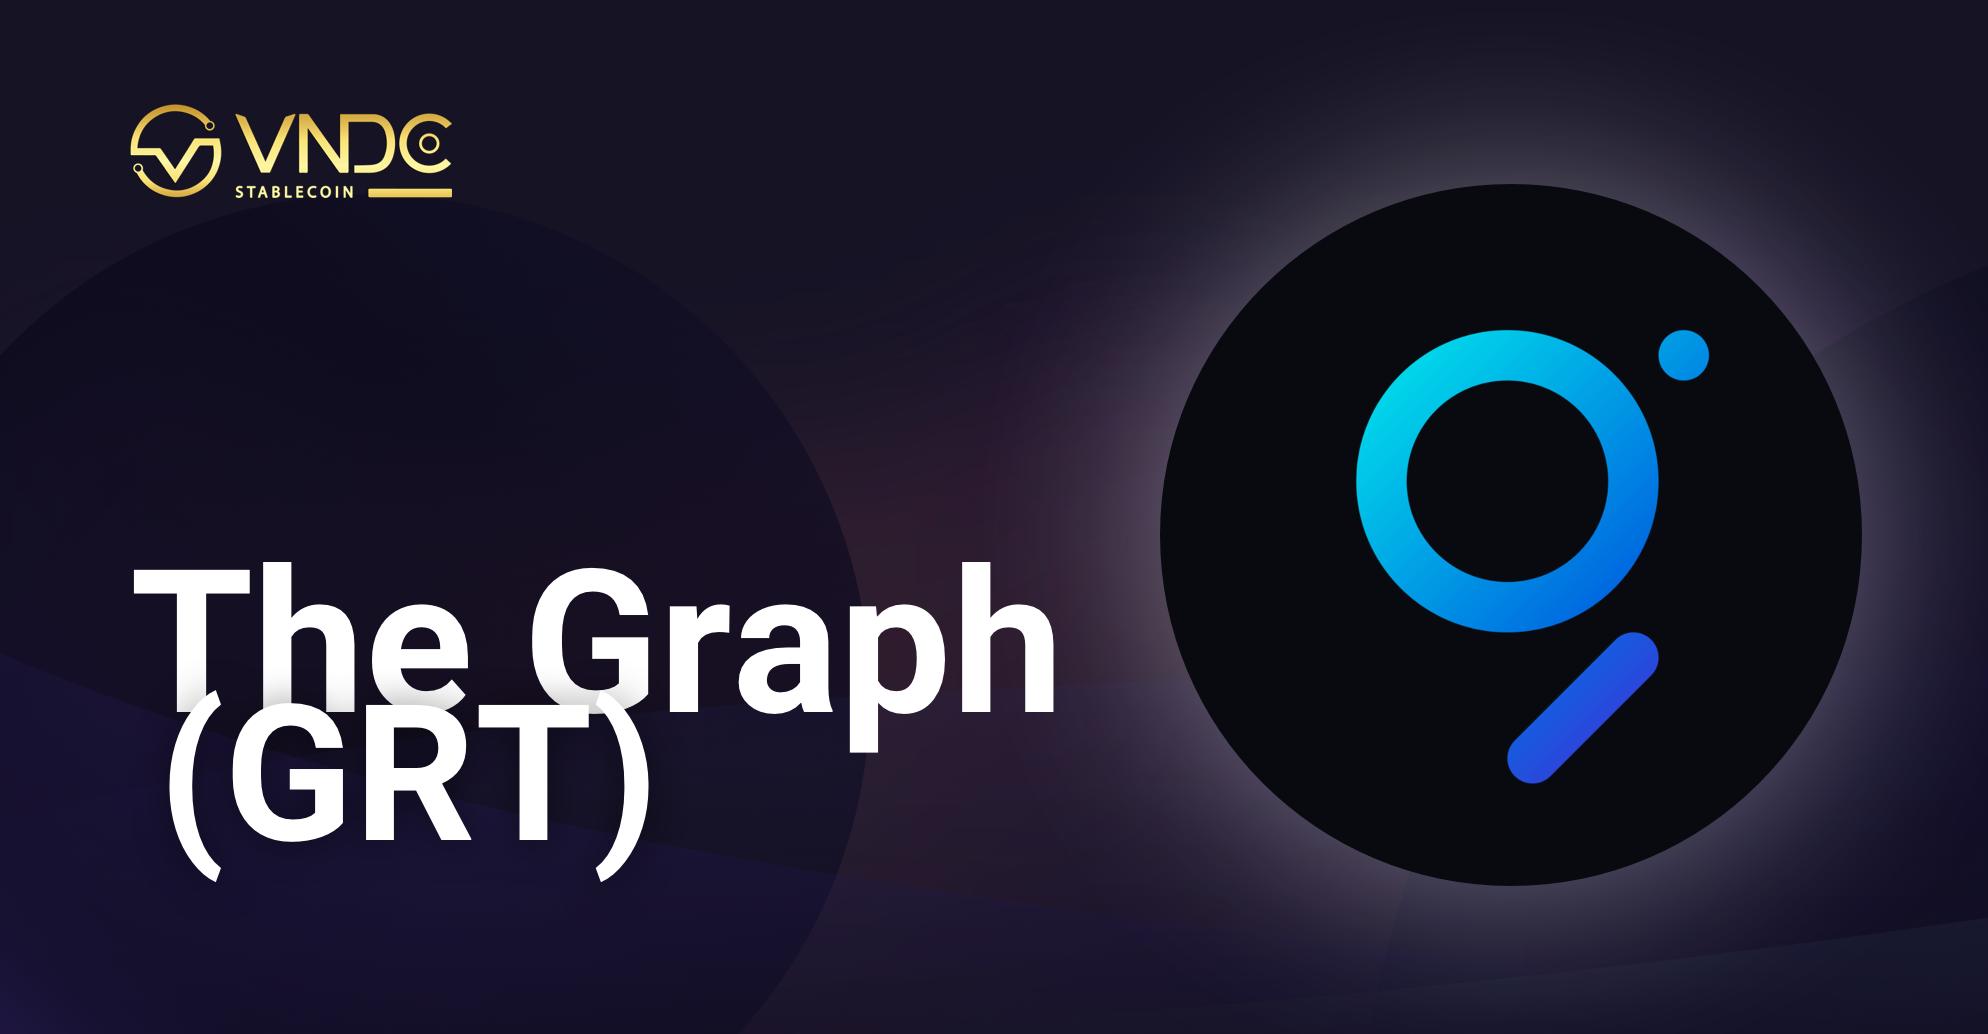 Chính thức niêm yết The Graph Token (GRT) trên VNDC Wallet 29/04/2021